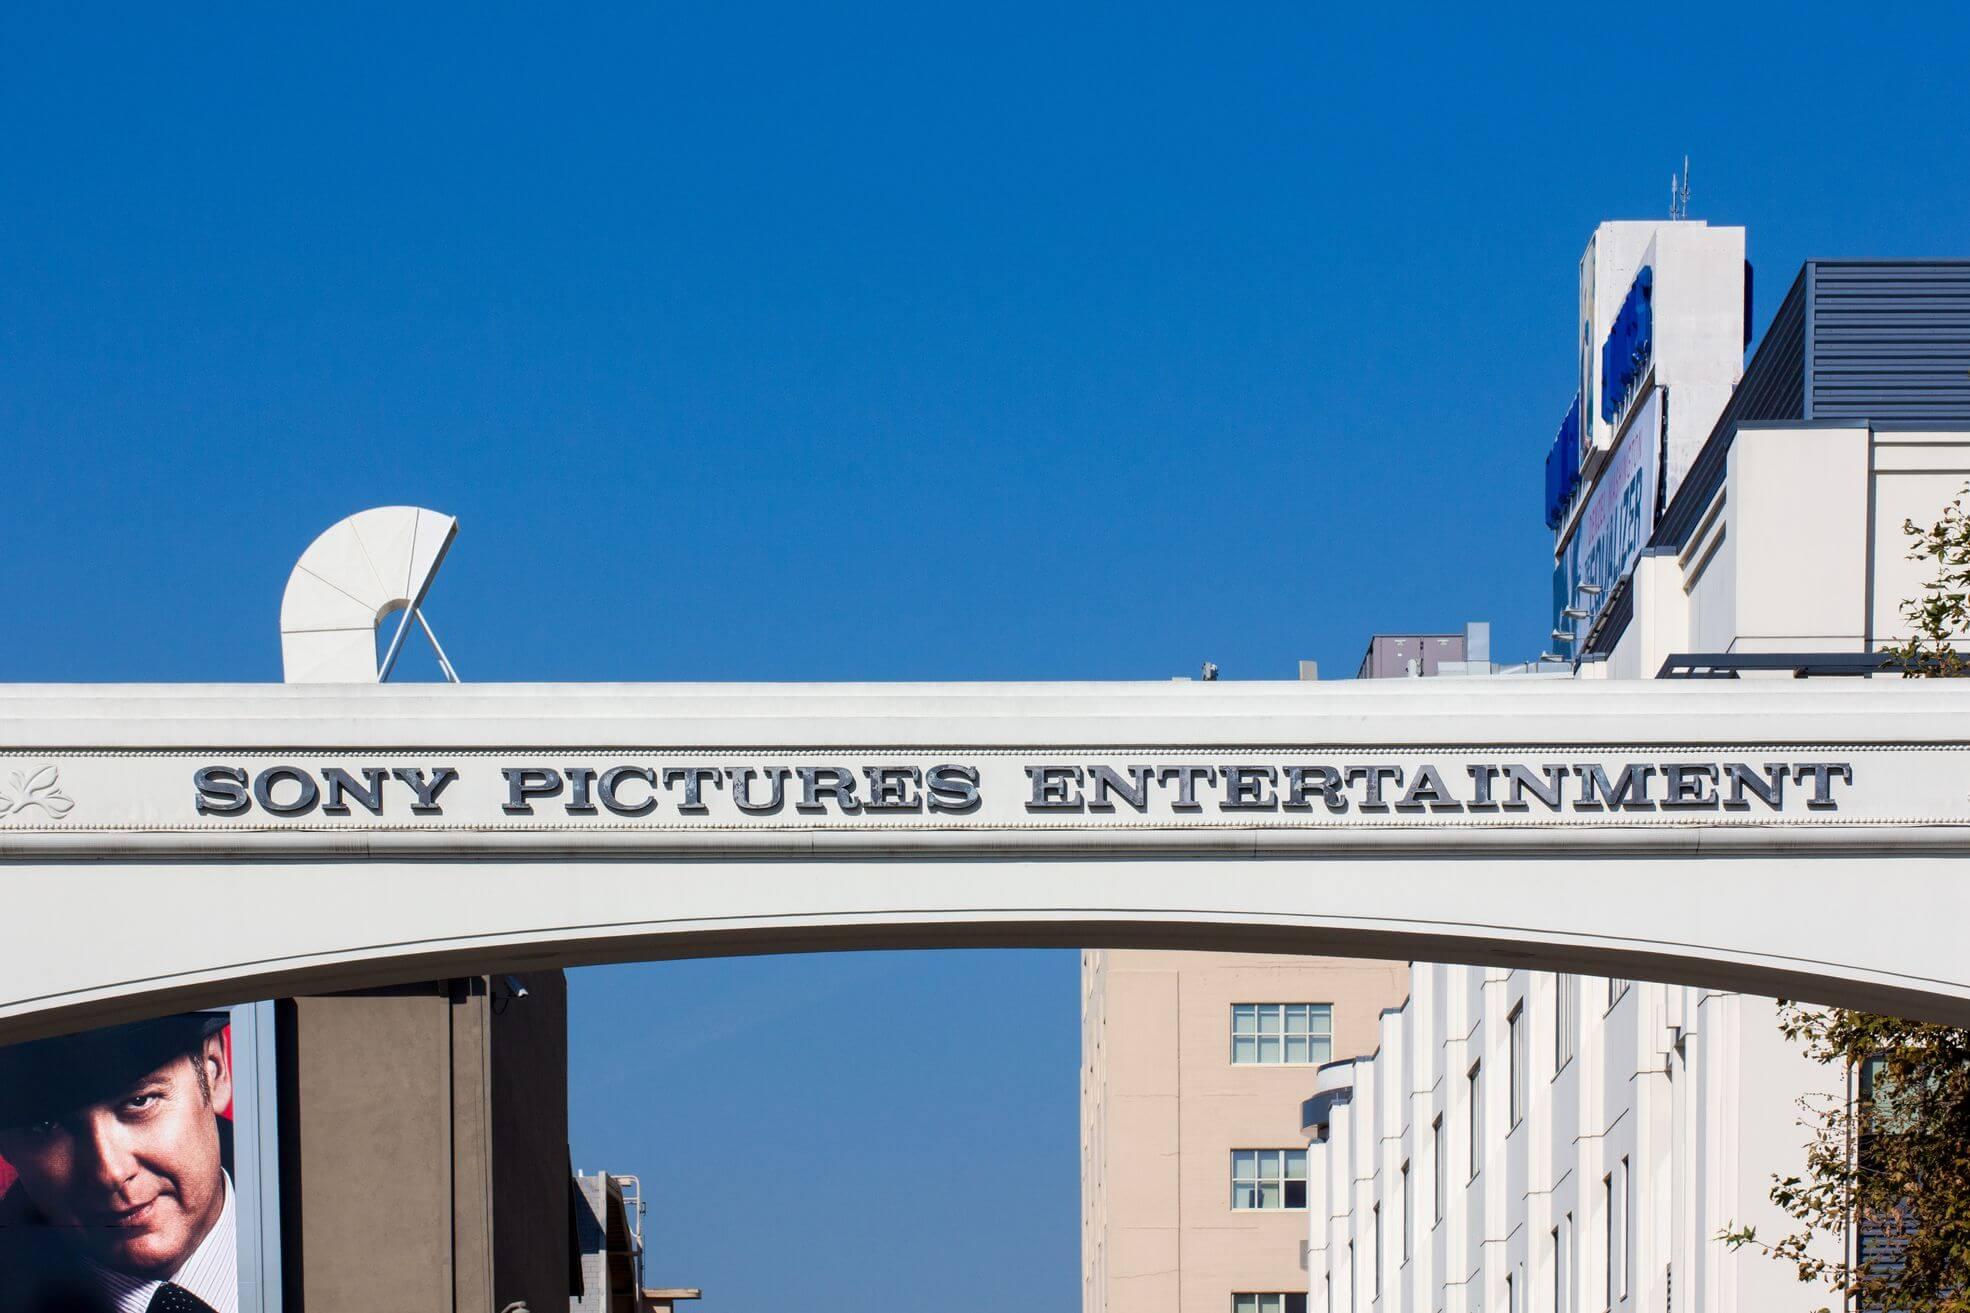 Sony Picture Entertainment studio